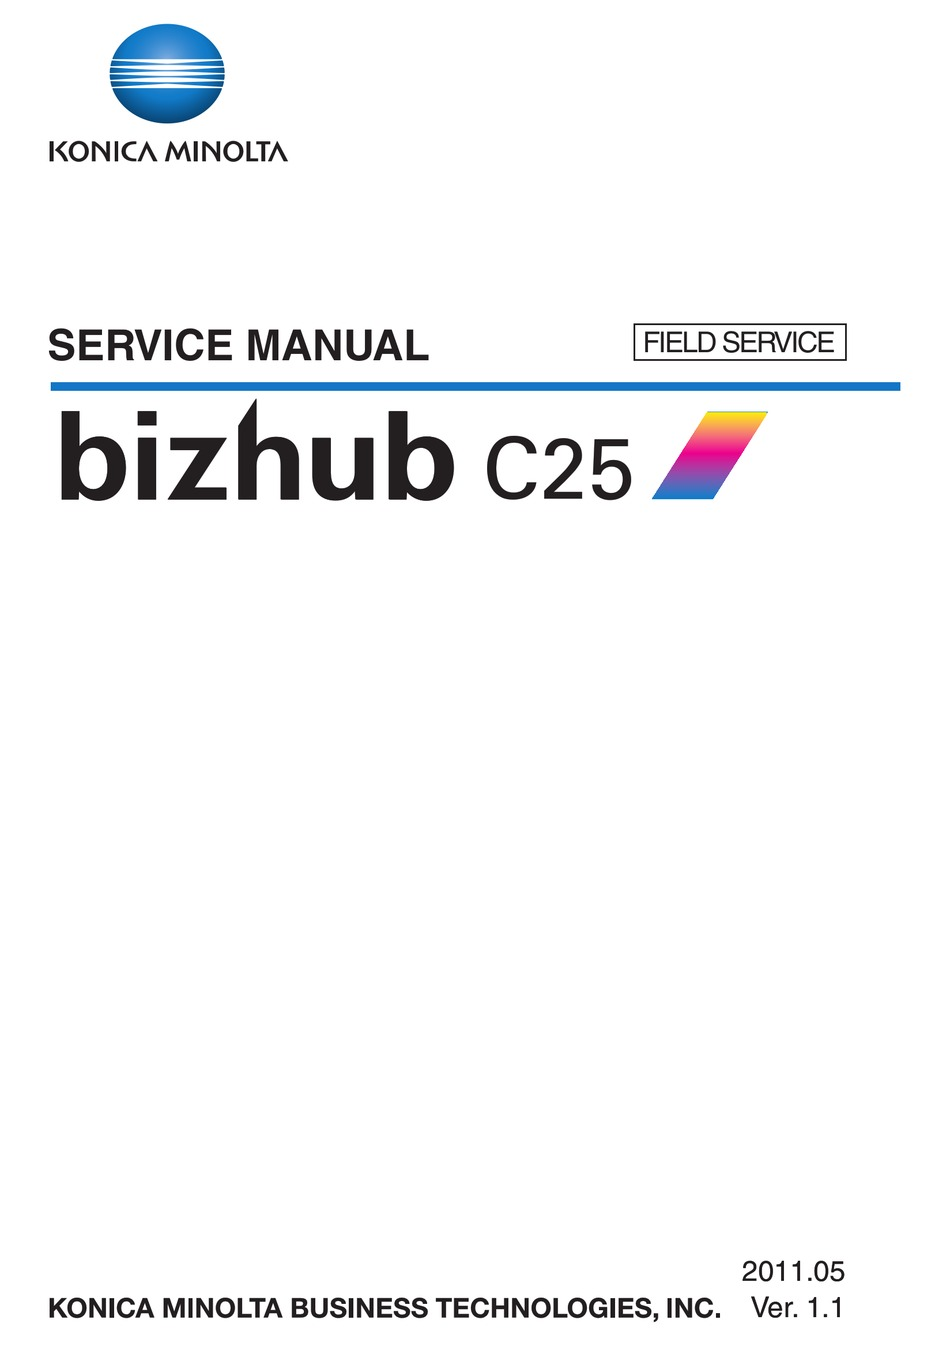 Free Konica Minolta Bizhub C25 Driver Download : konica, minolta, bizhub, driver, download, KONICA, MINOLTA, BIZHUB, SERVICE, MANUAL, Download, ManualsLib